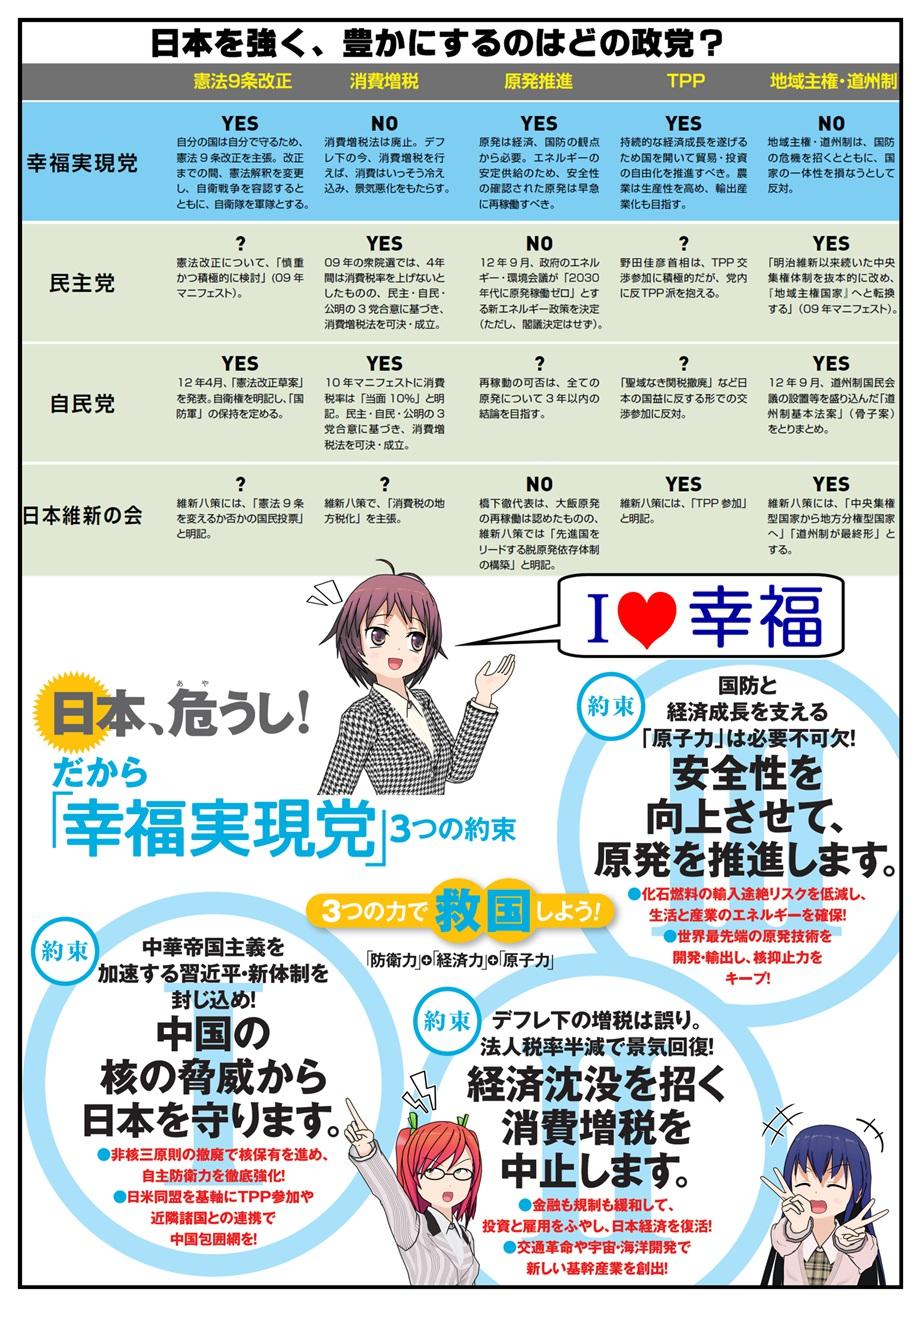 ヒロりん7話2